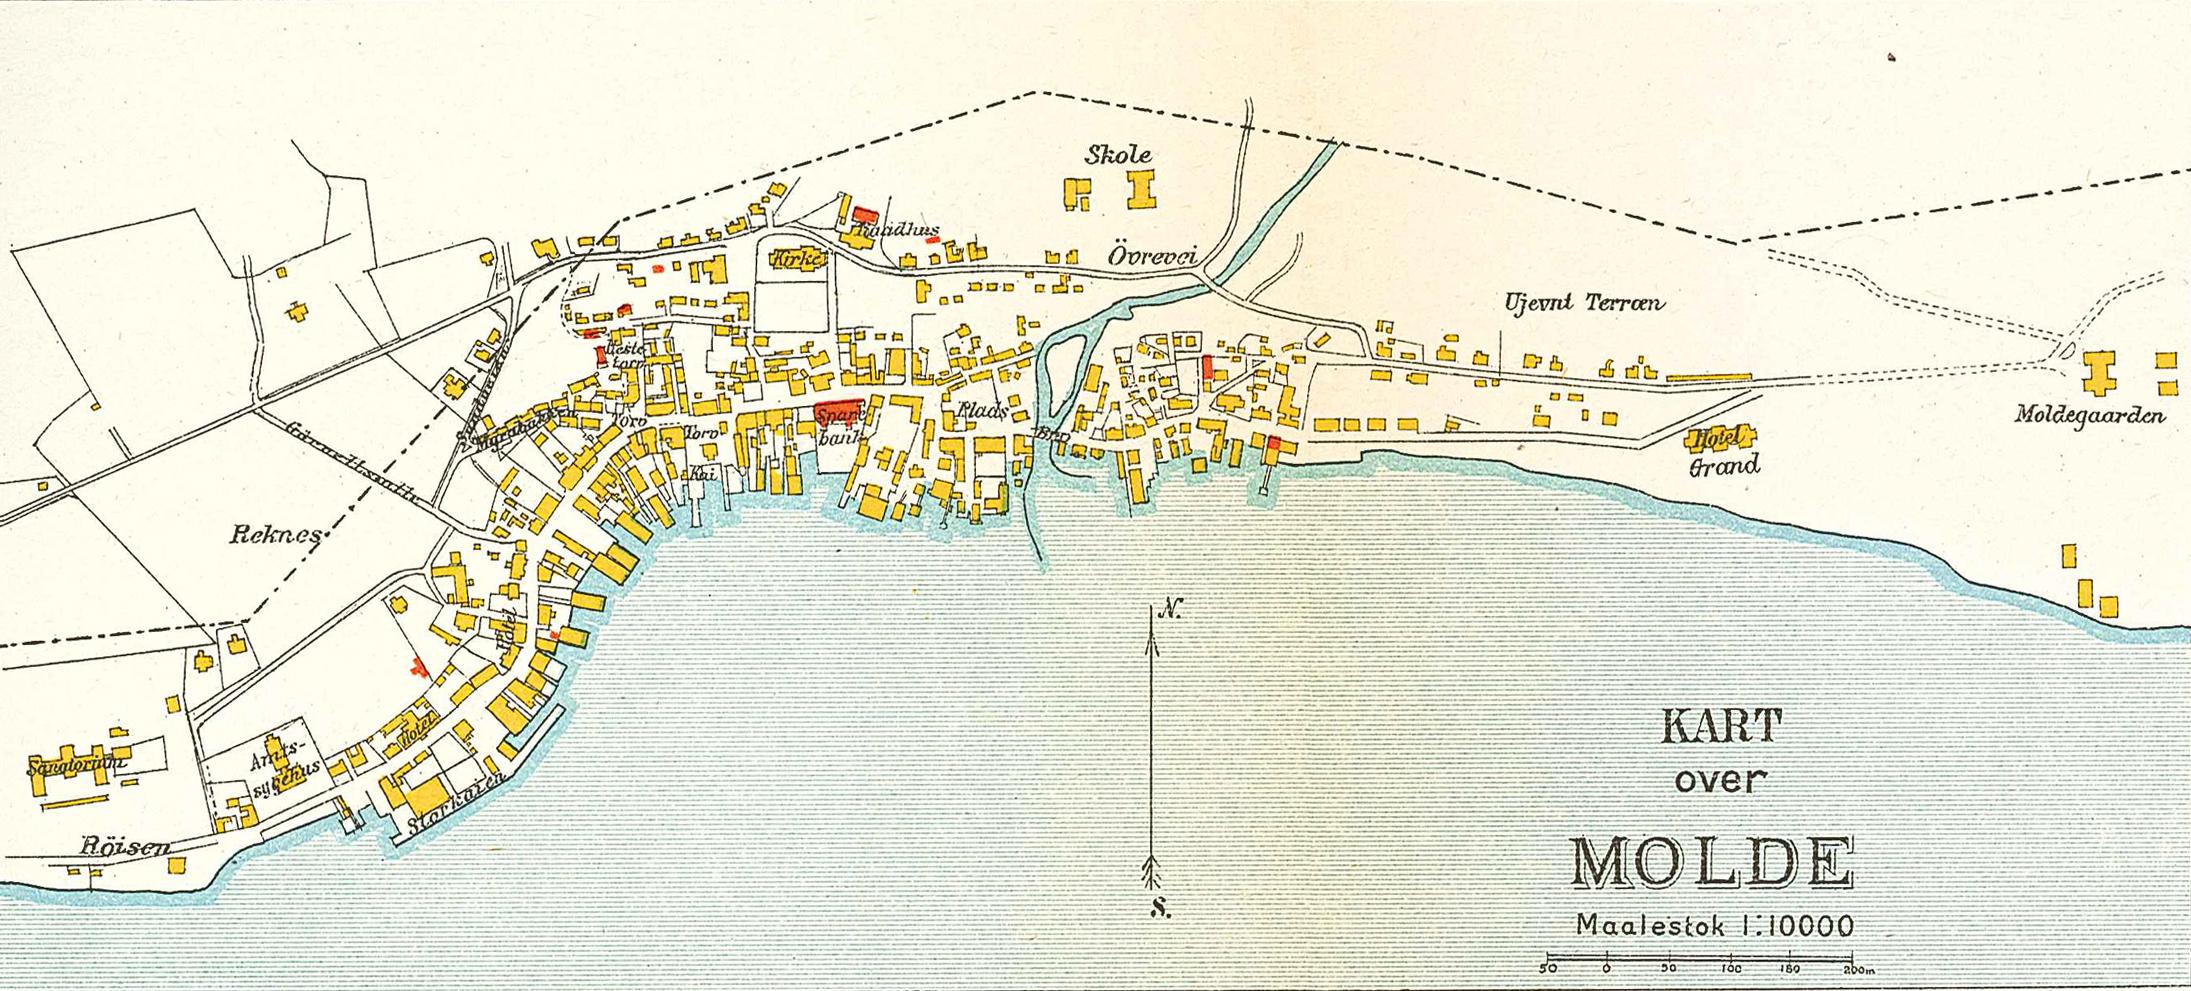 molde kart File:Molde map 1911.   Wikimedia Commons molde kart